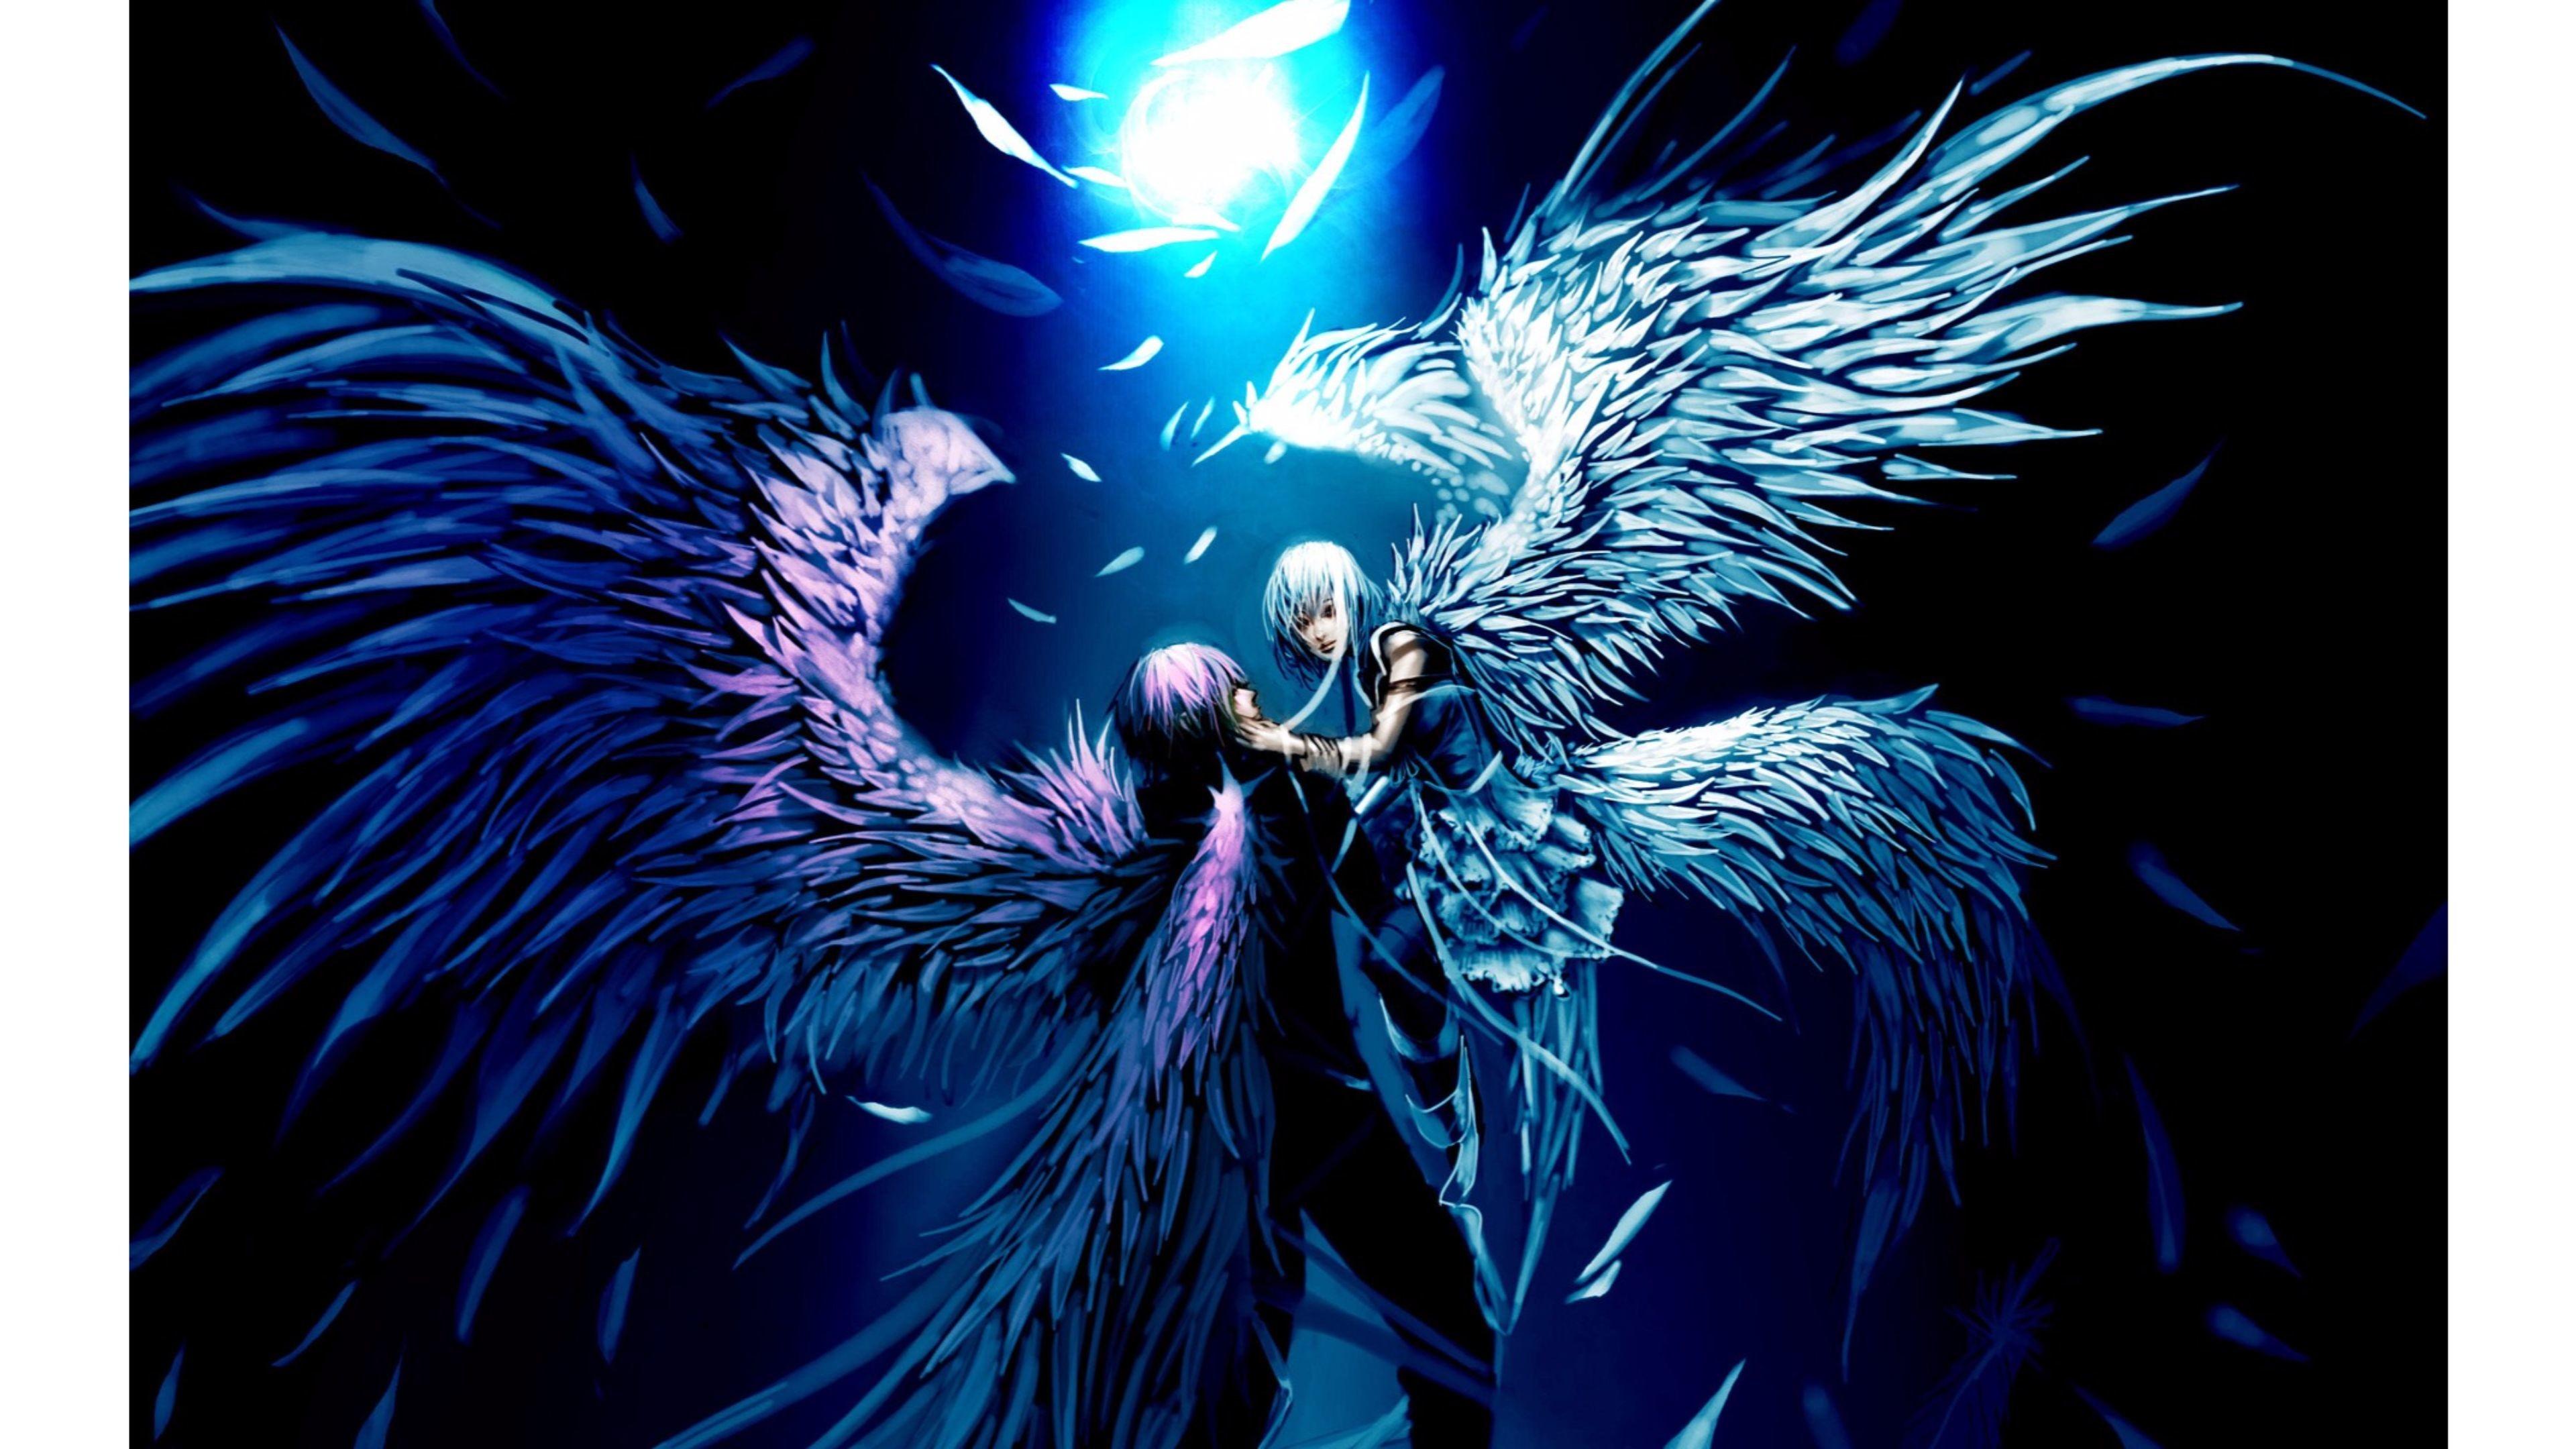 Fallen Angel - Angels Wallpaper (32426792) - Fanpop